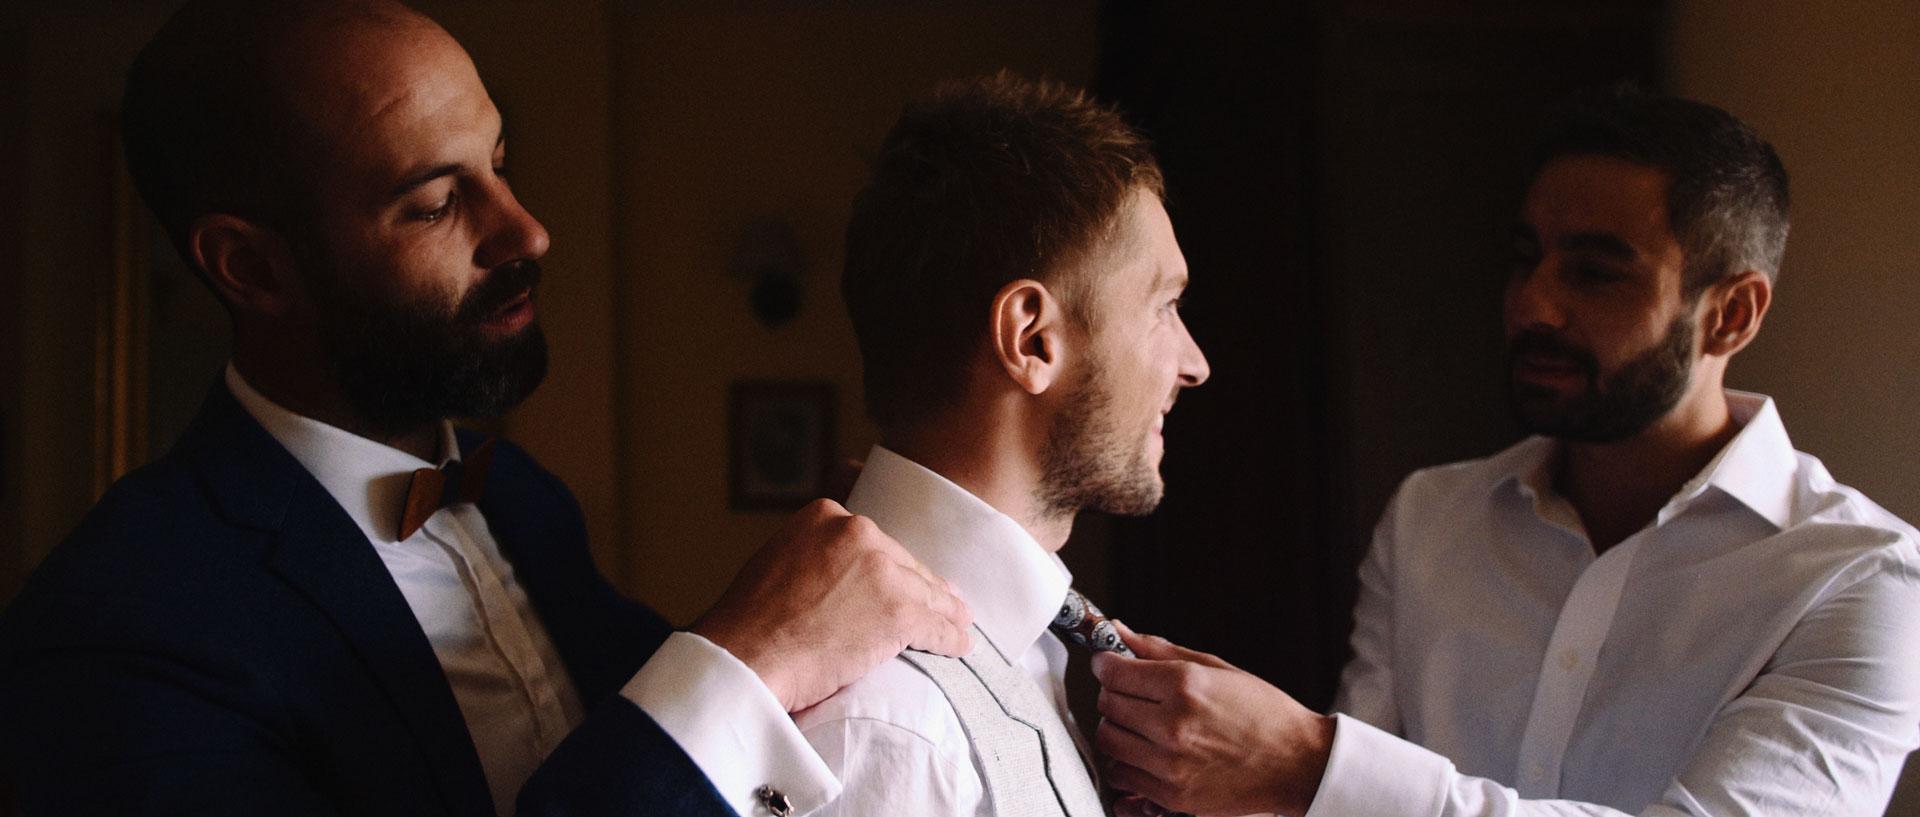 Sam-&-David---Wedding-Film.00_01_14_11.jpg